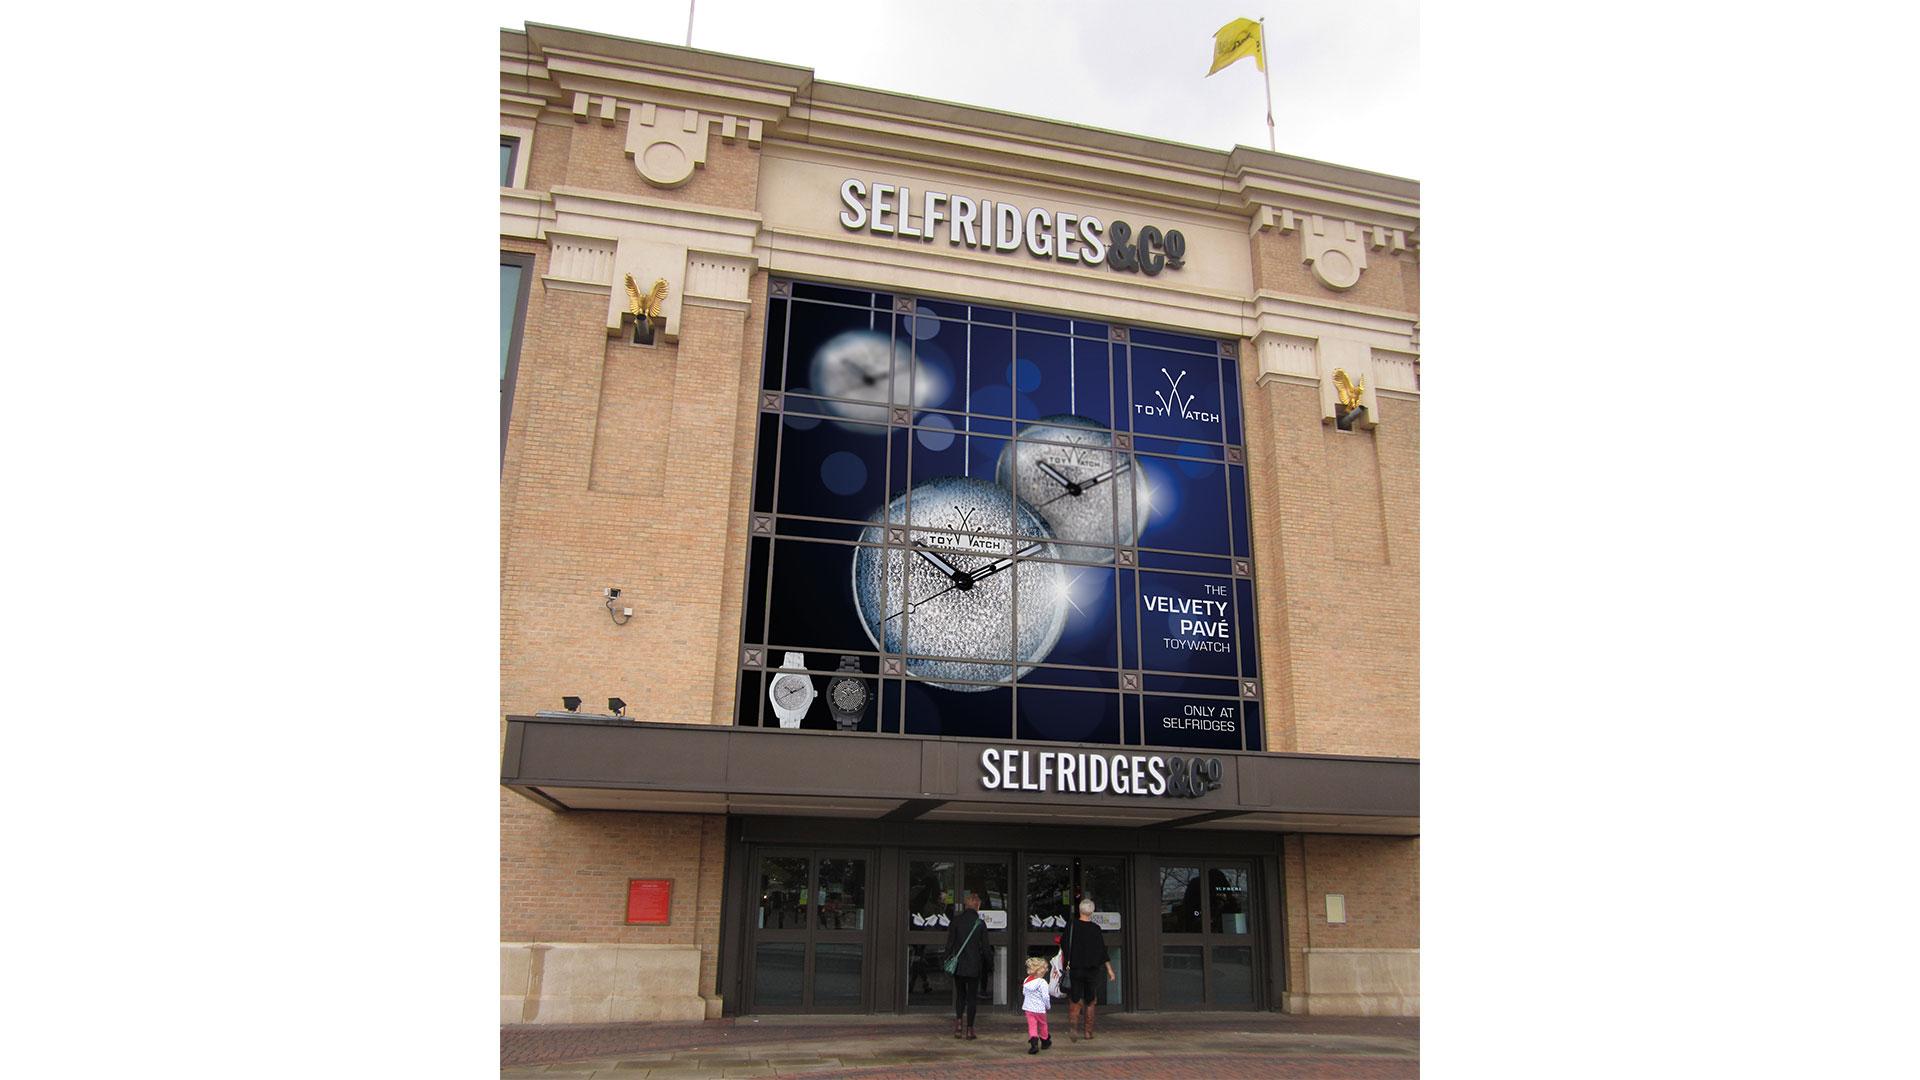 TW Velvety Pave Selfridges Manchester